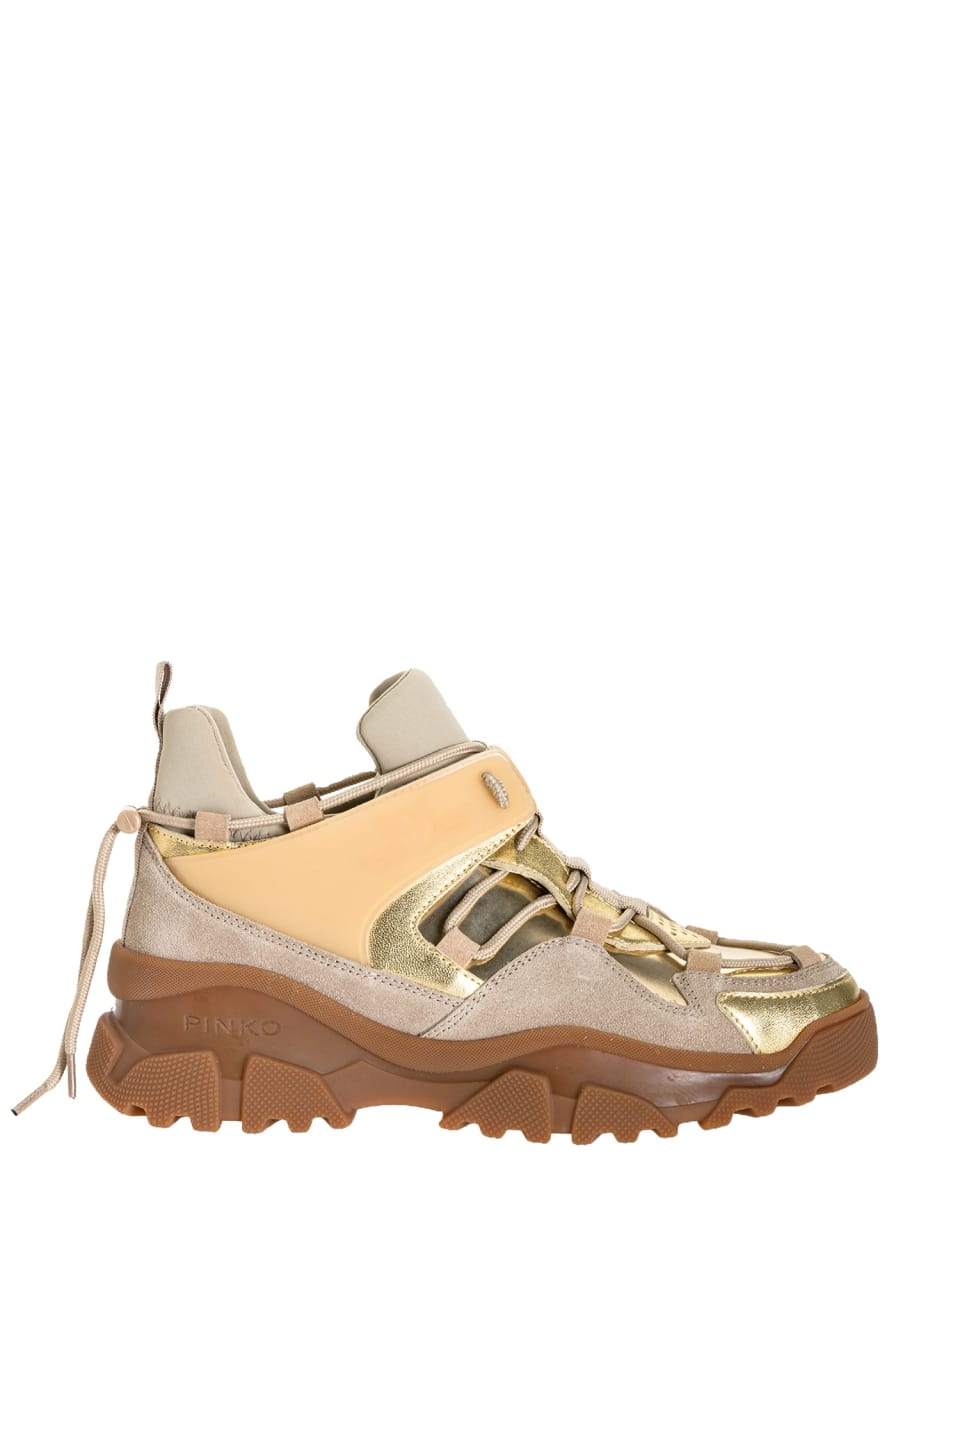 贴金属箔徒步运动鞋 - Pinko